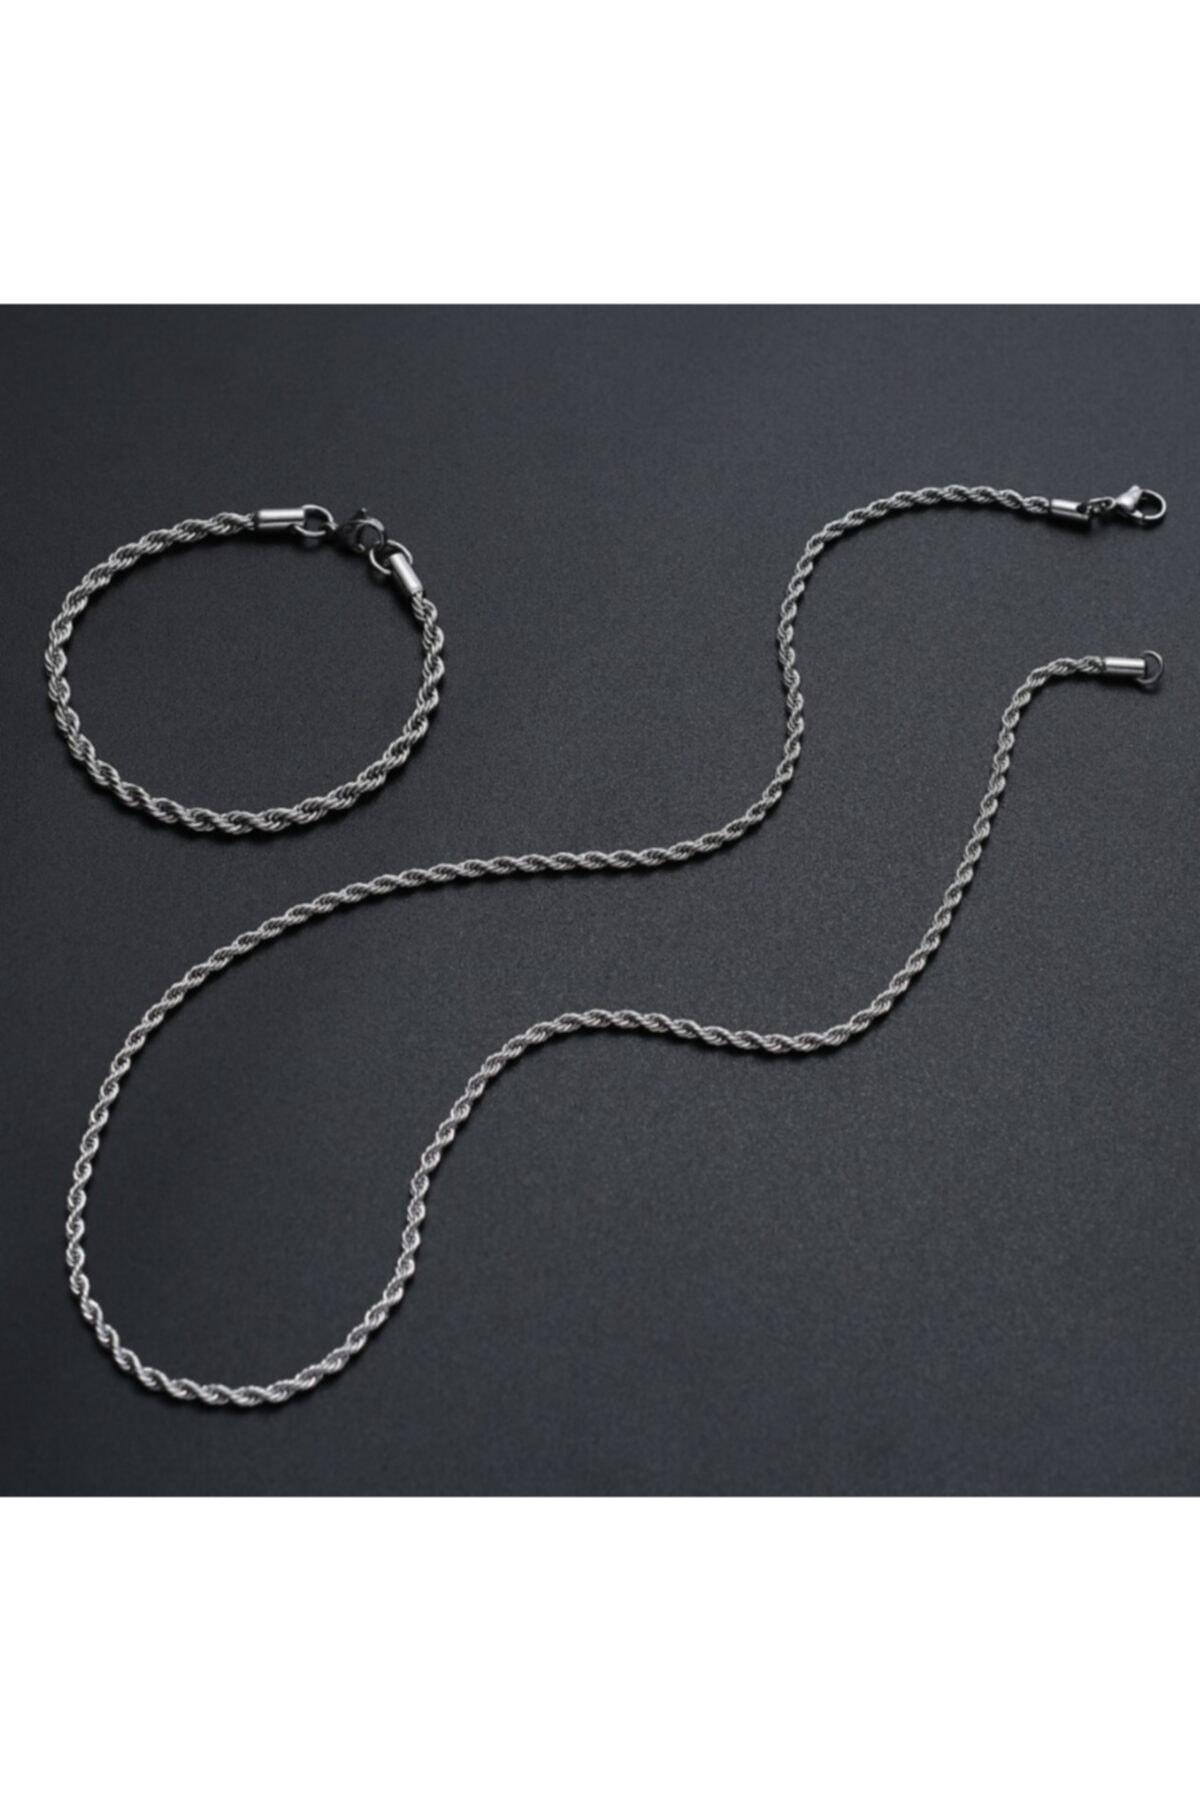 MedBlack Jewelry Unisex Gümüş Kaplama Kalın Burgu Kolye Bileklik Set 1